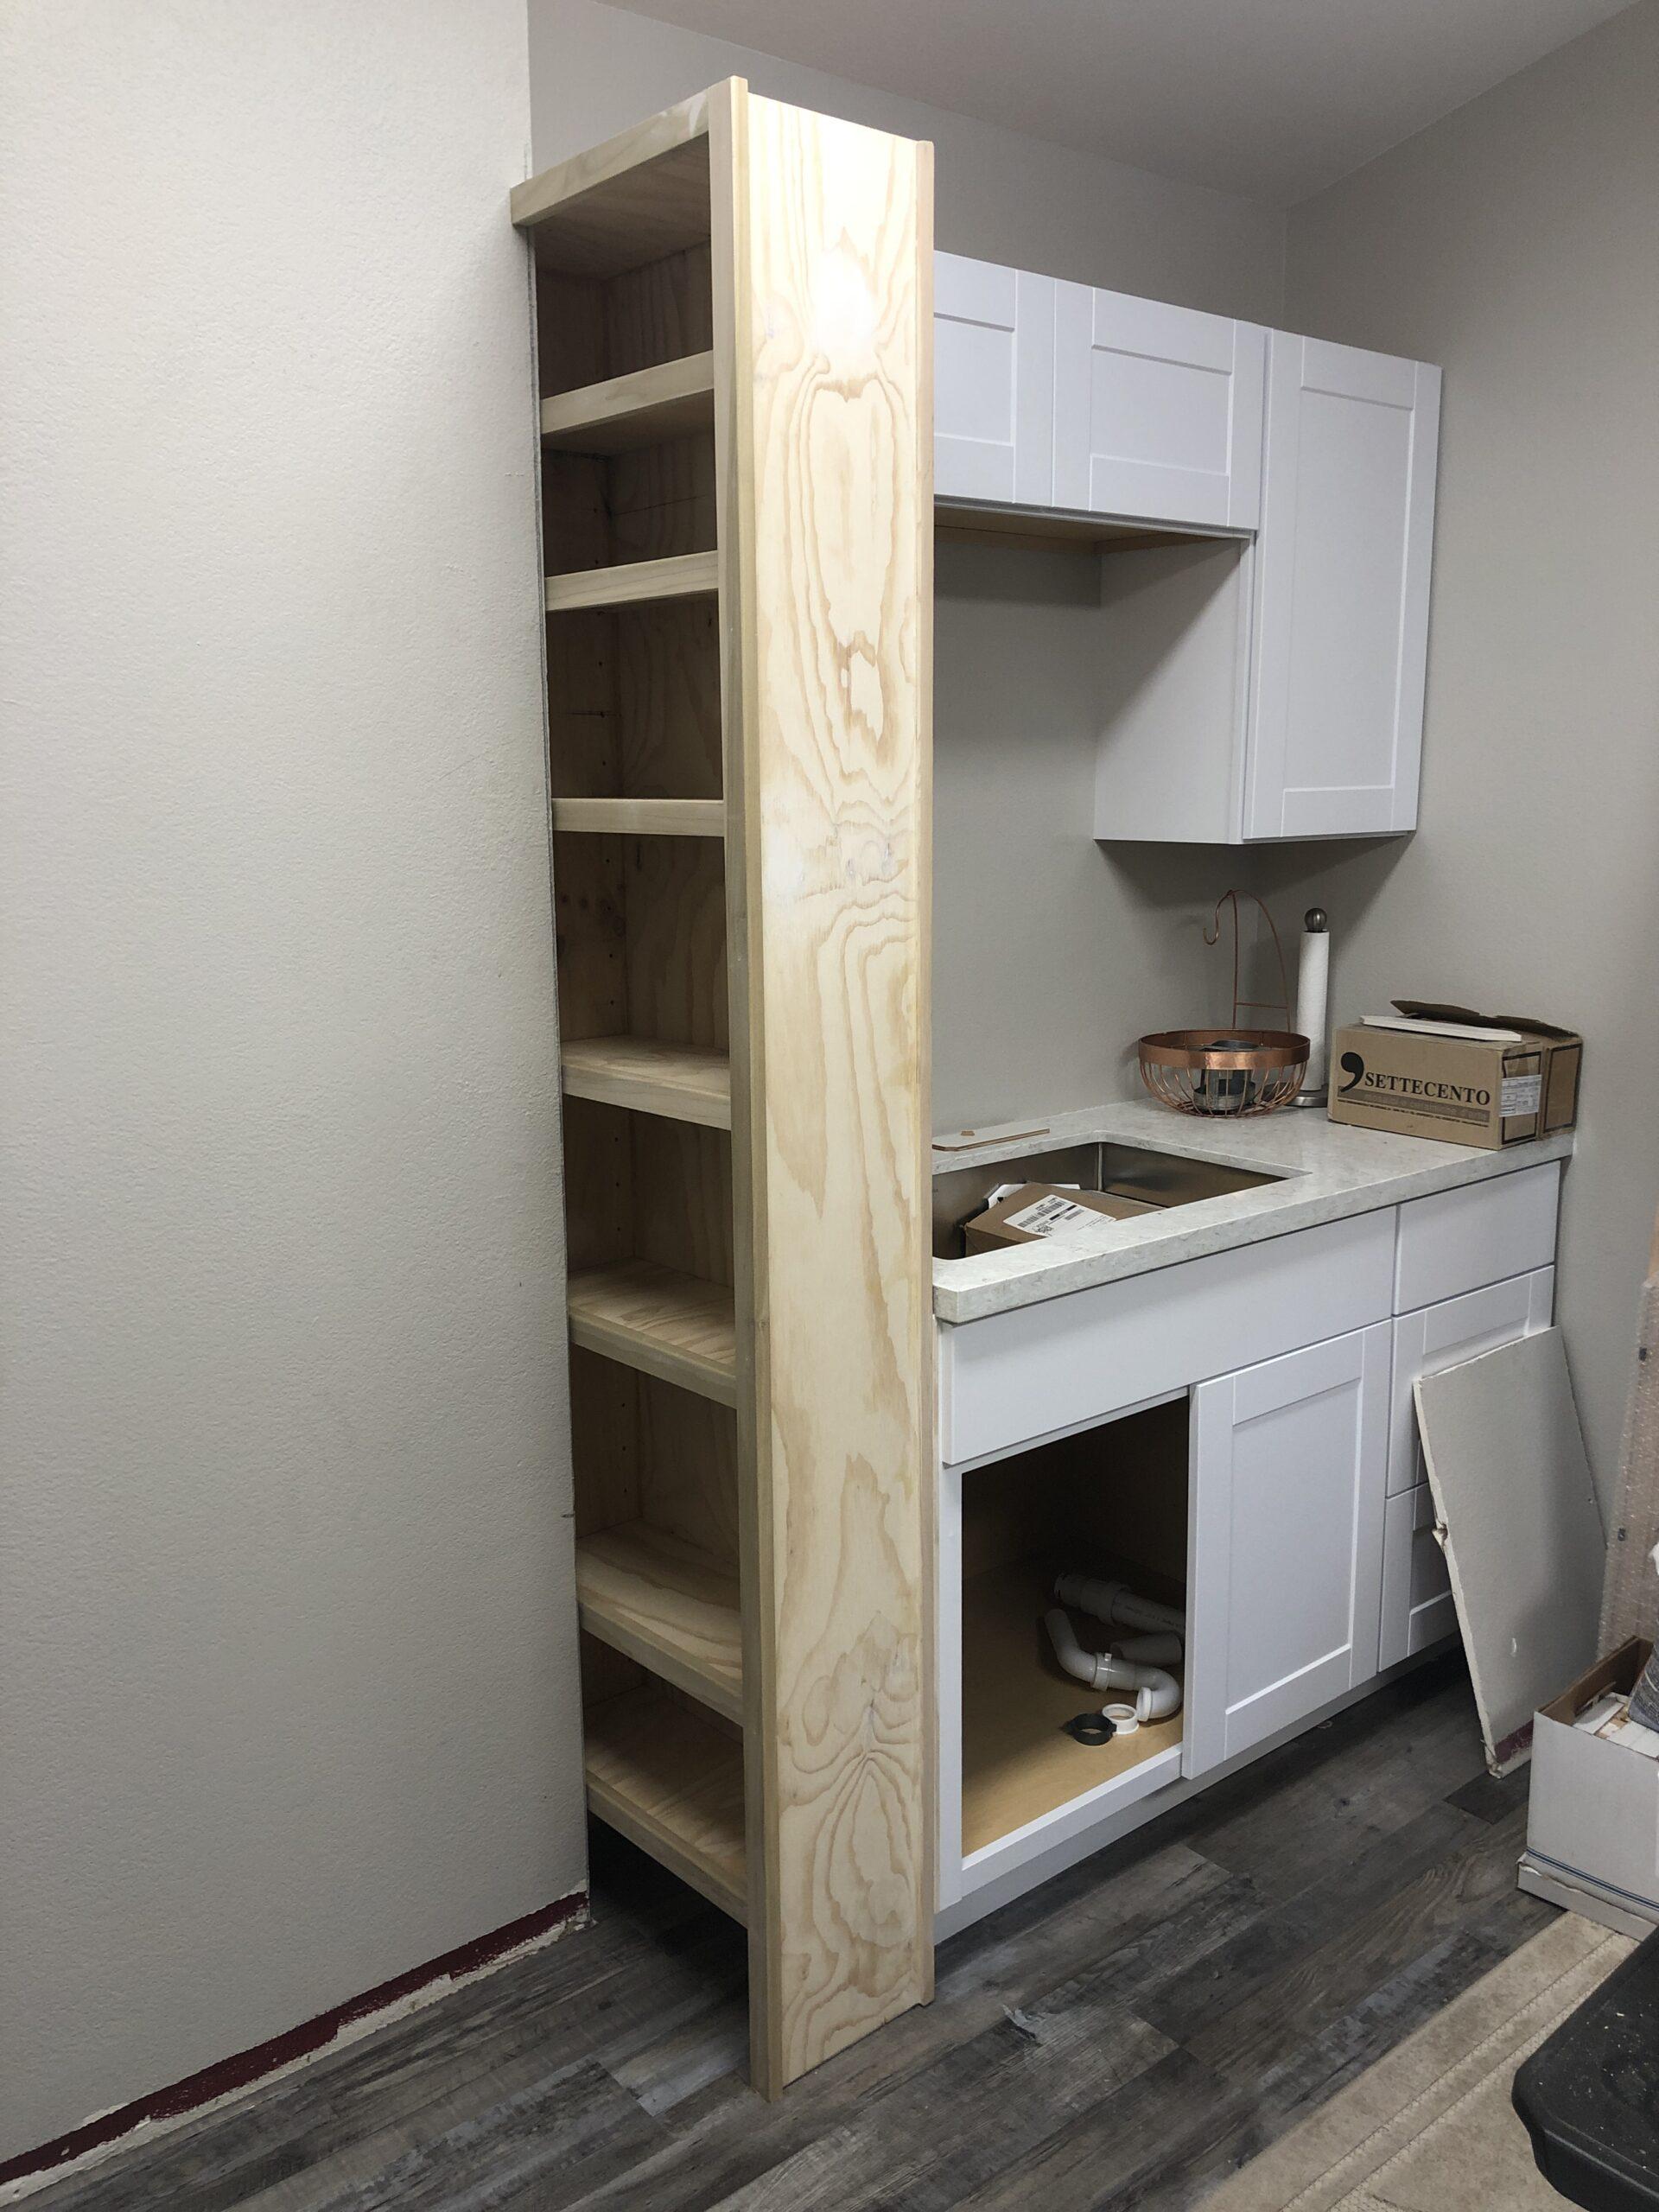 Custom built in cabinet. Poplar, paint grade.